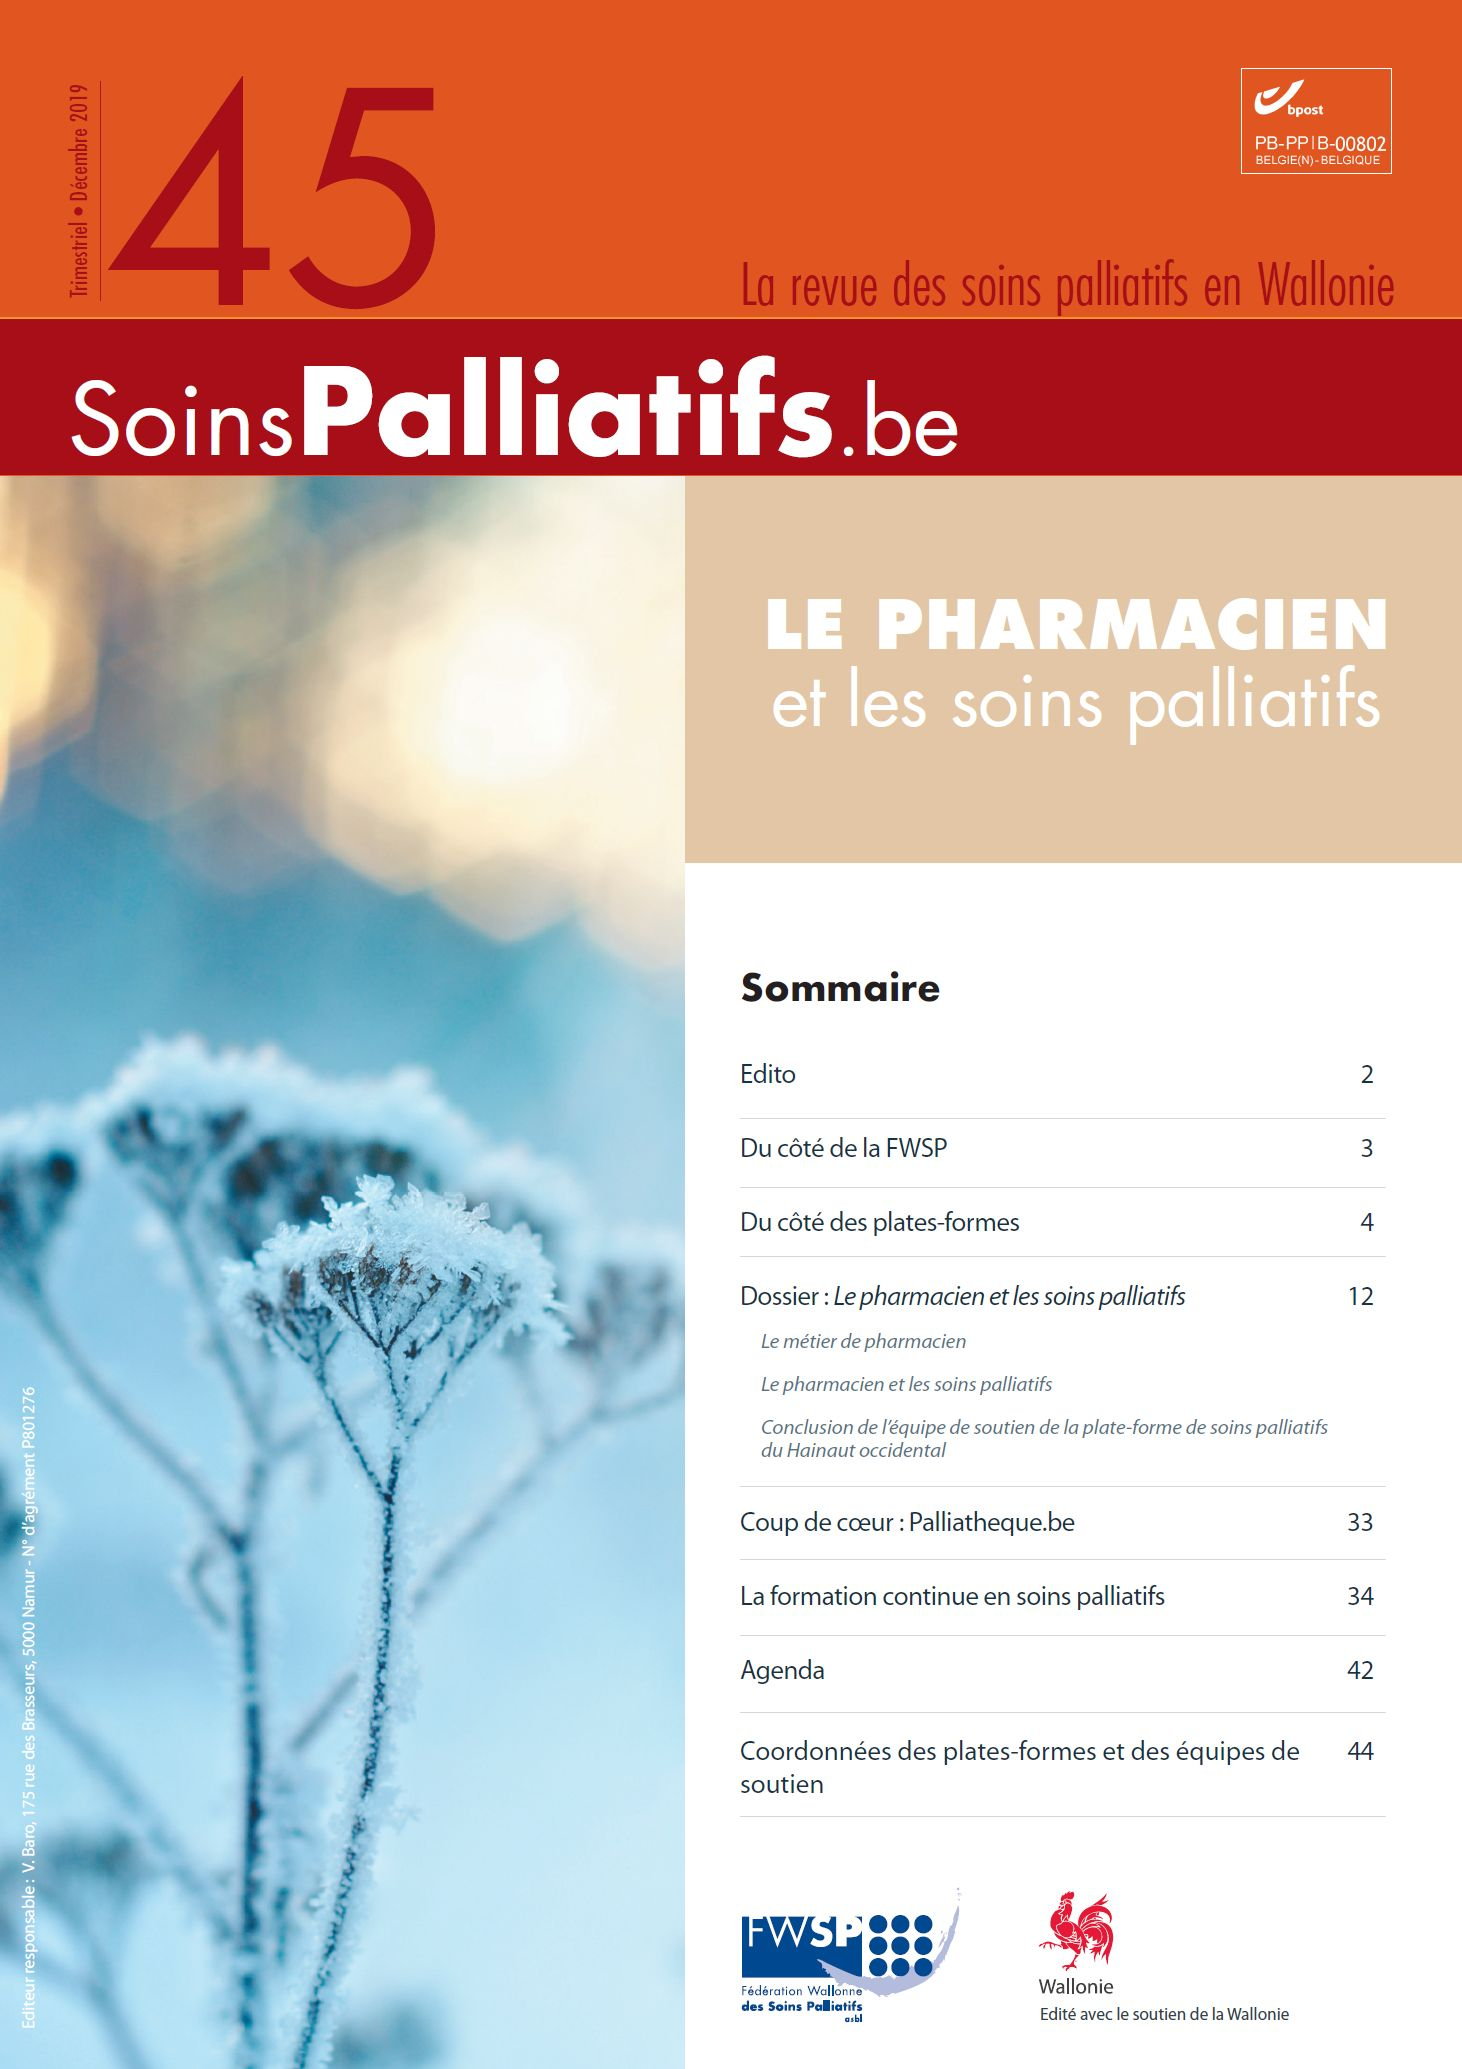 Le pharmacien et les soins palliatifs